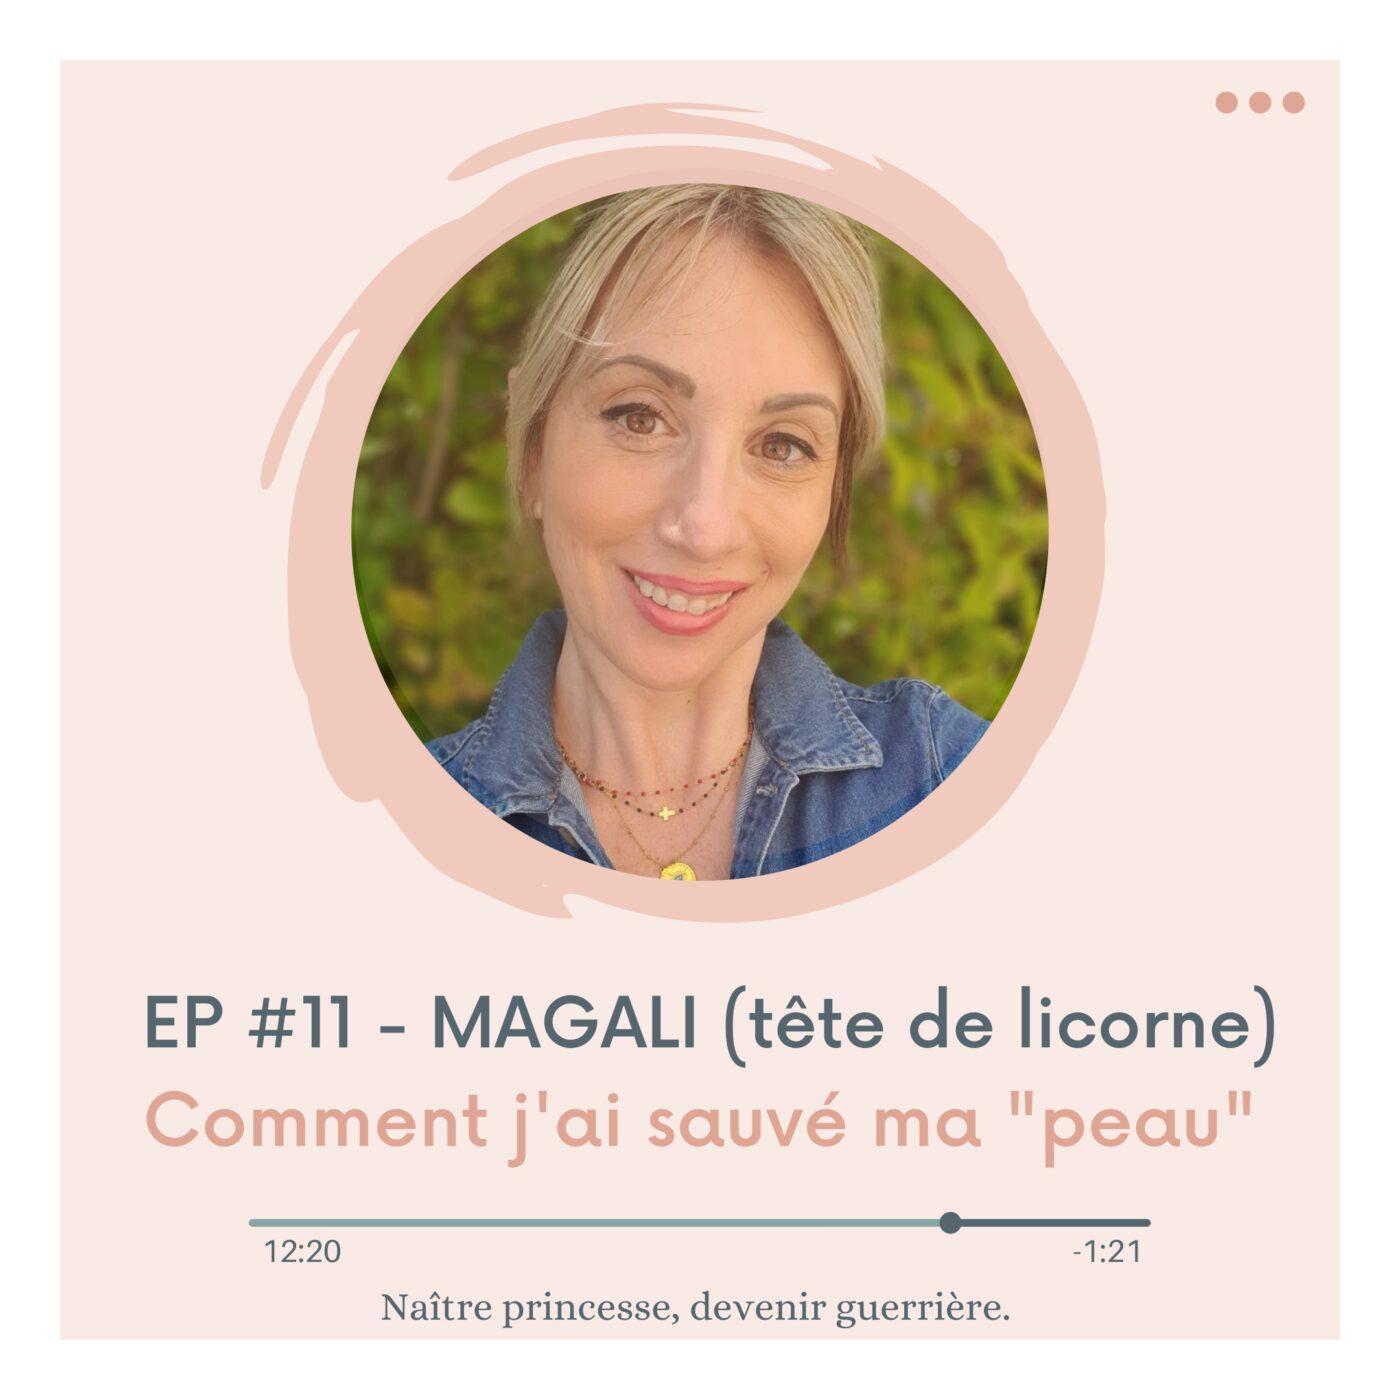 """EP#11 - COMMENT J'AI SAUVÉ MA """"PEAU"""". MAGALI (tête de licorne)"""